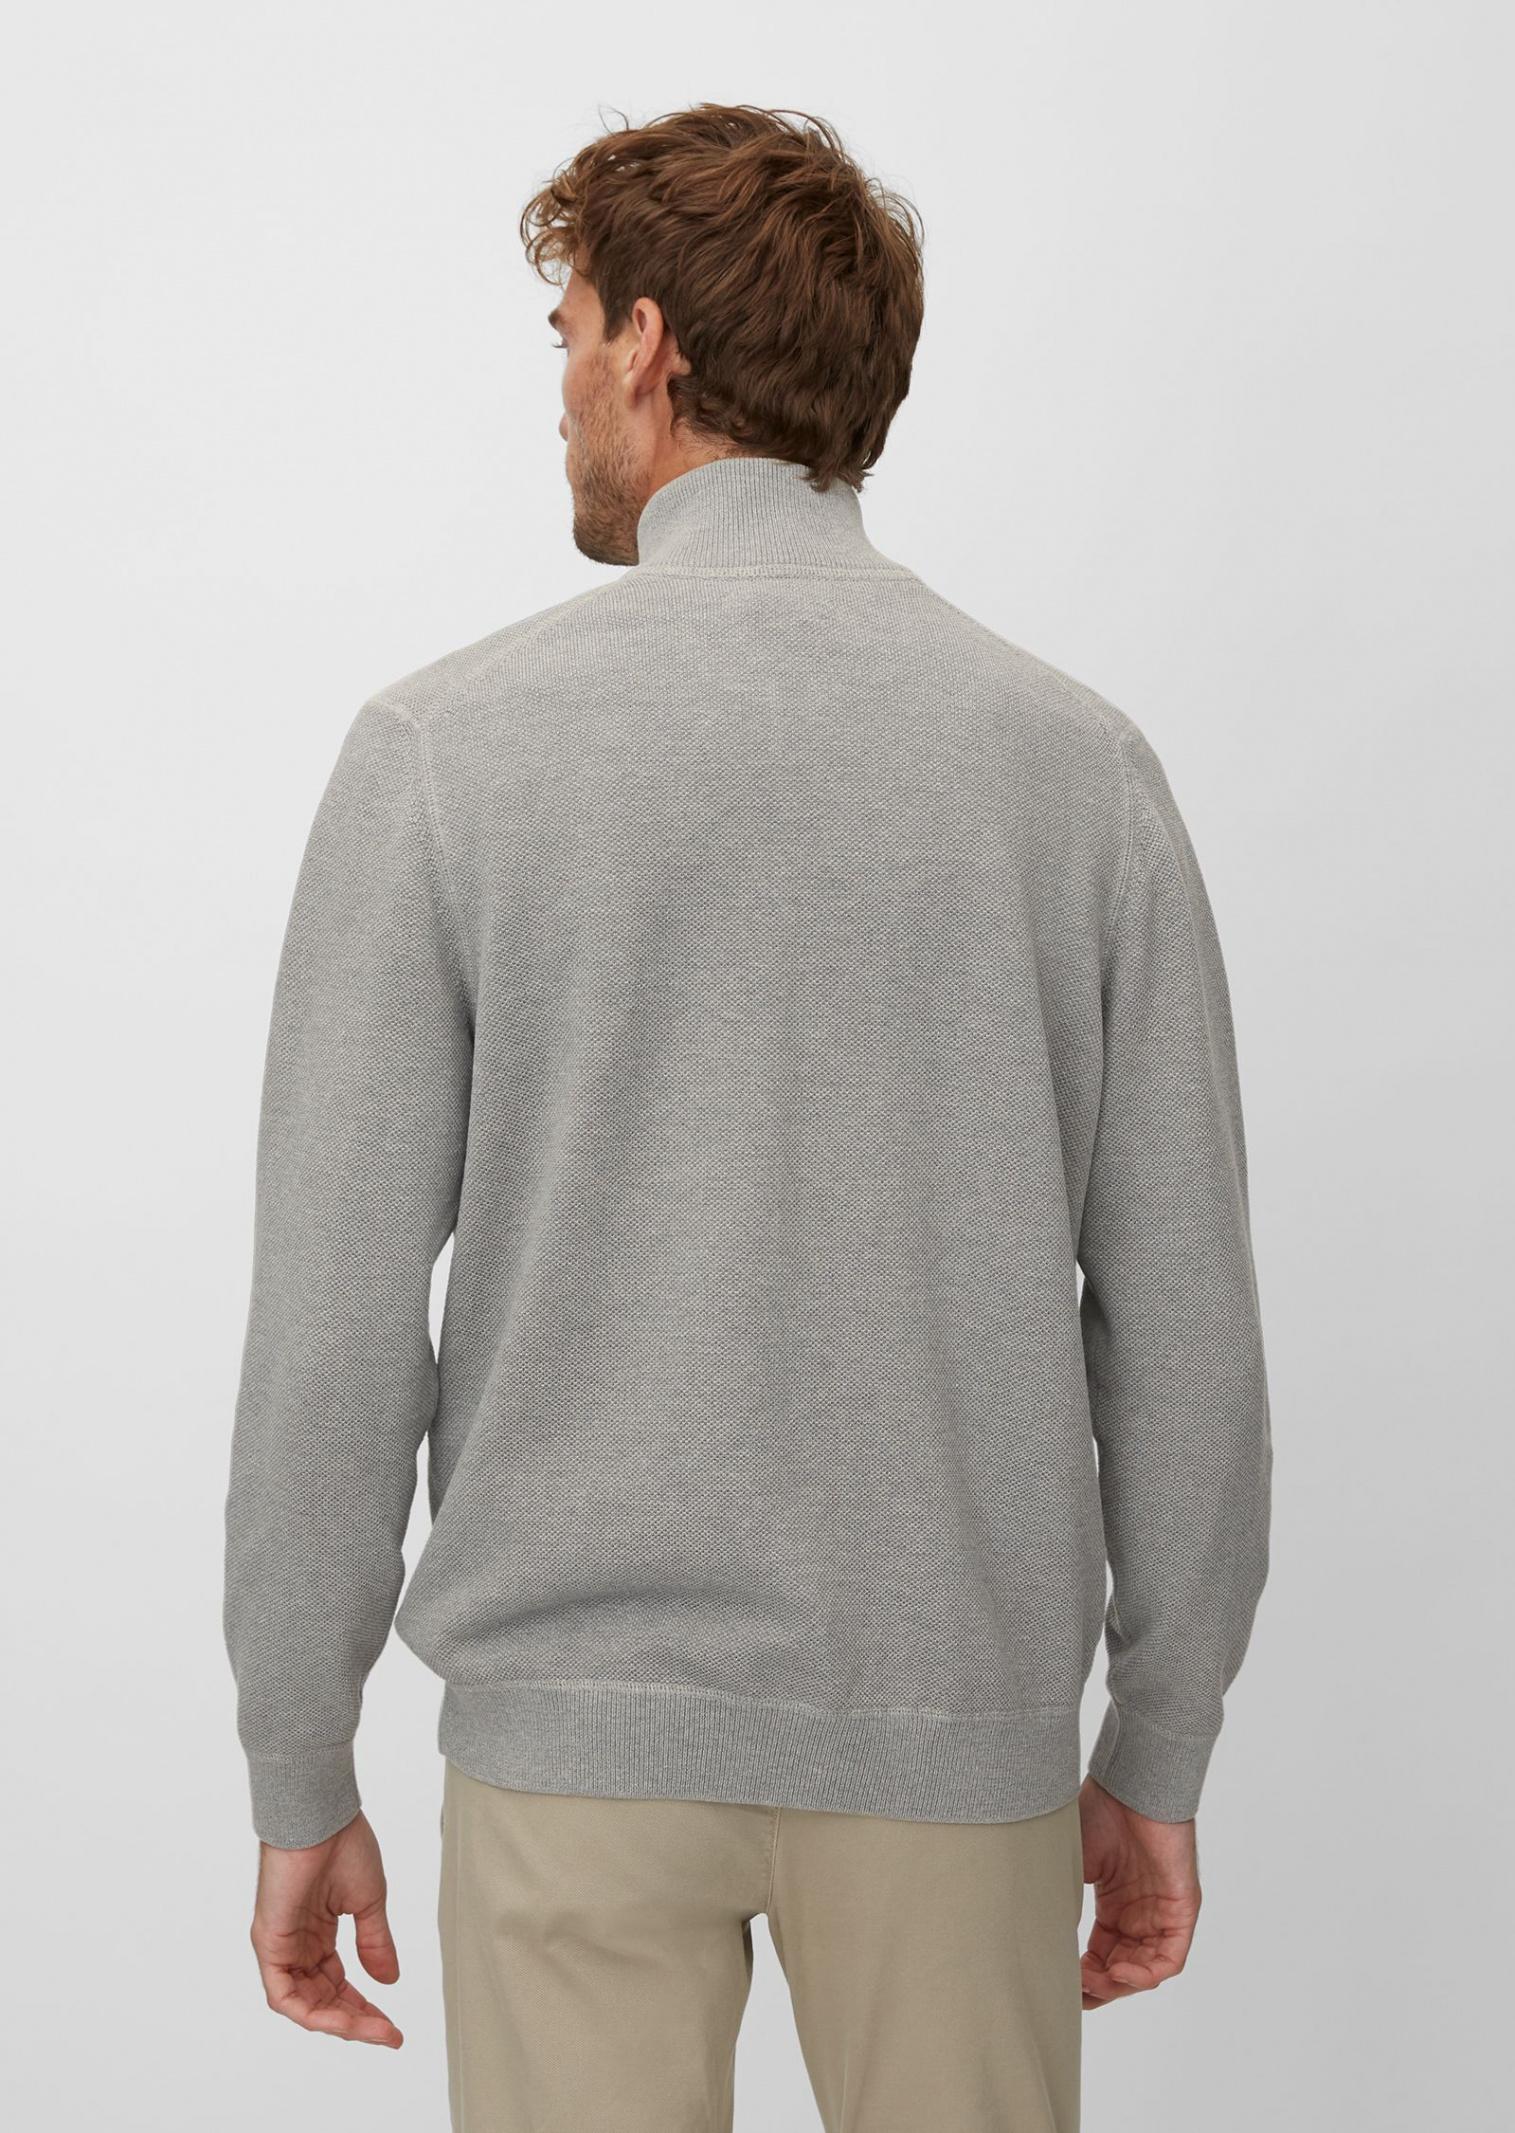 Кофты и свитера мужские MARC O'POLO модель 021500461140-936 приобрести, 2017